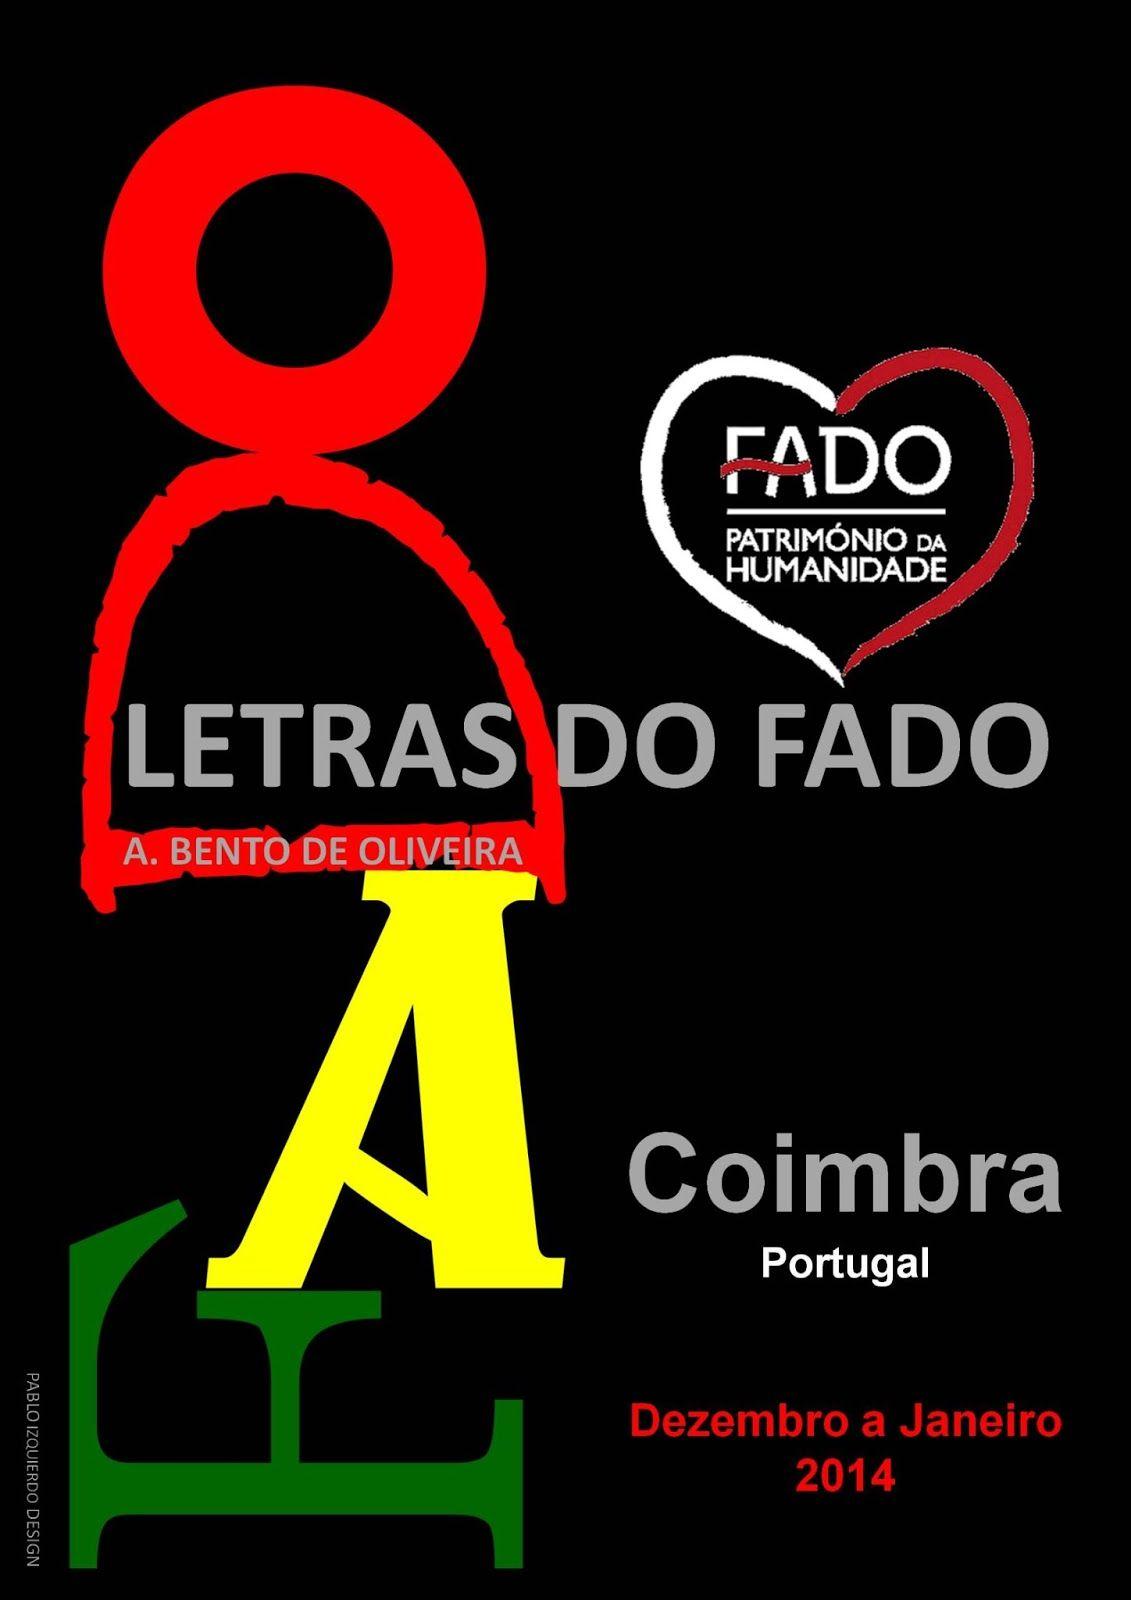 Letras do Fado na Coimbra / Letras de Fado en Coimbra / Lyrics of Fado at Coimbra, Portugal. Proximamente / Próximamente / Shortly.